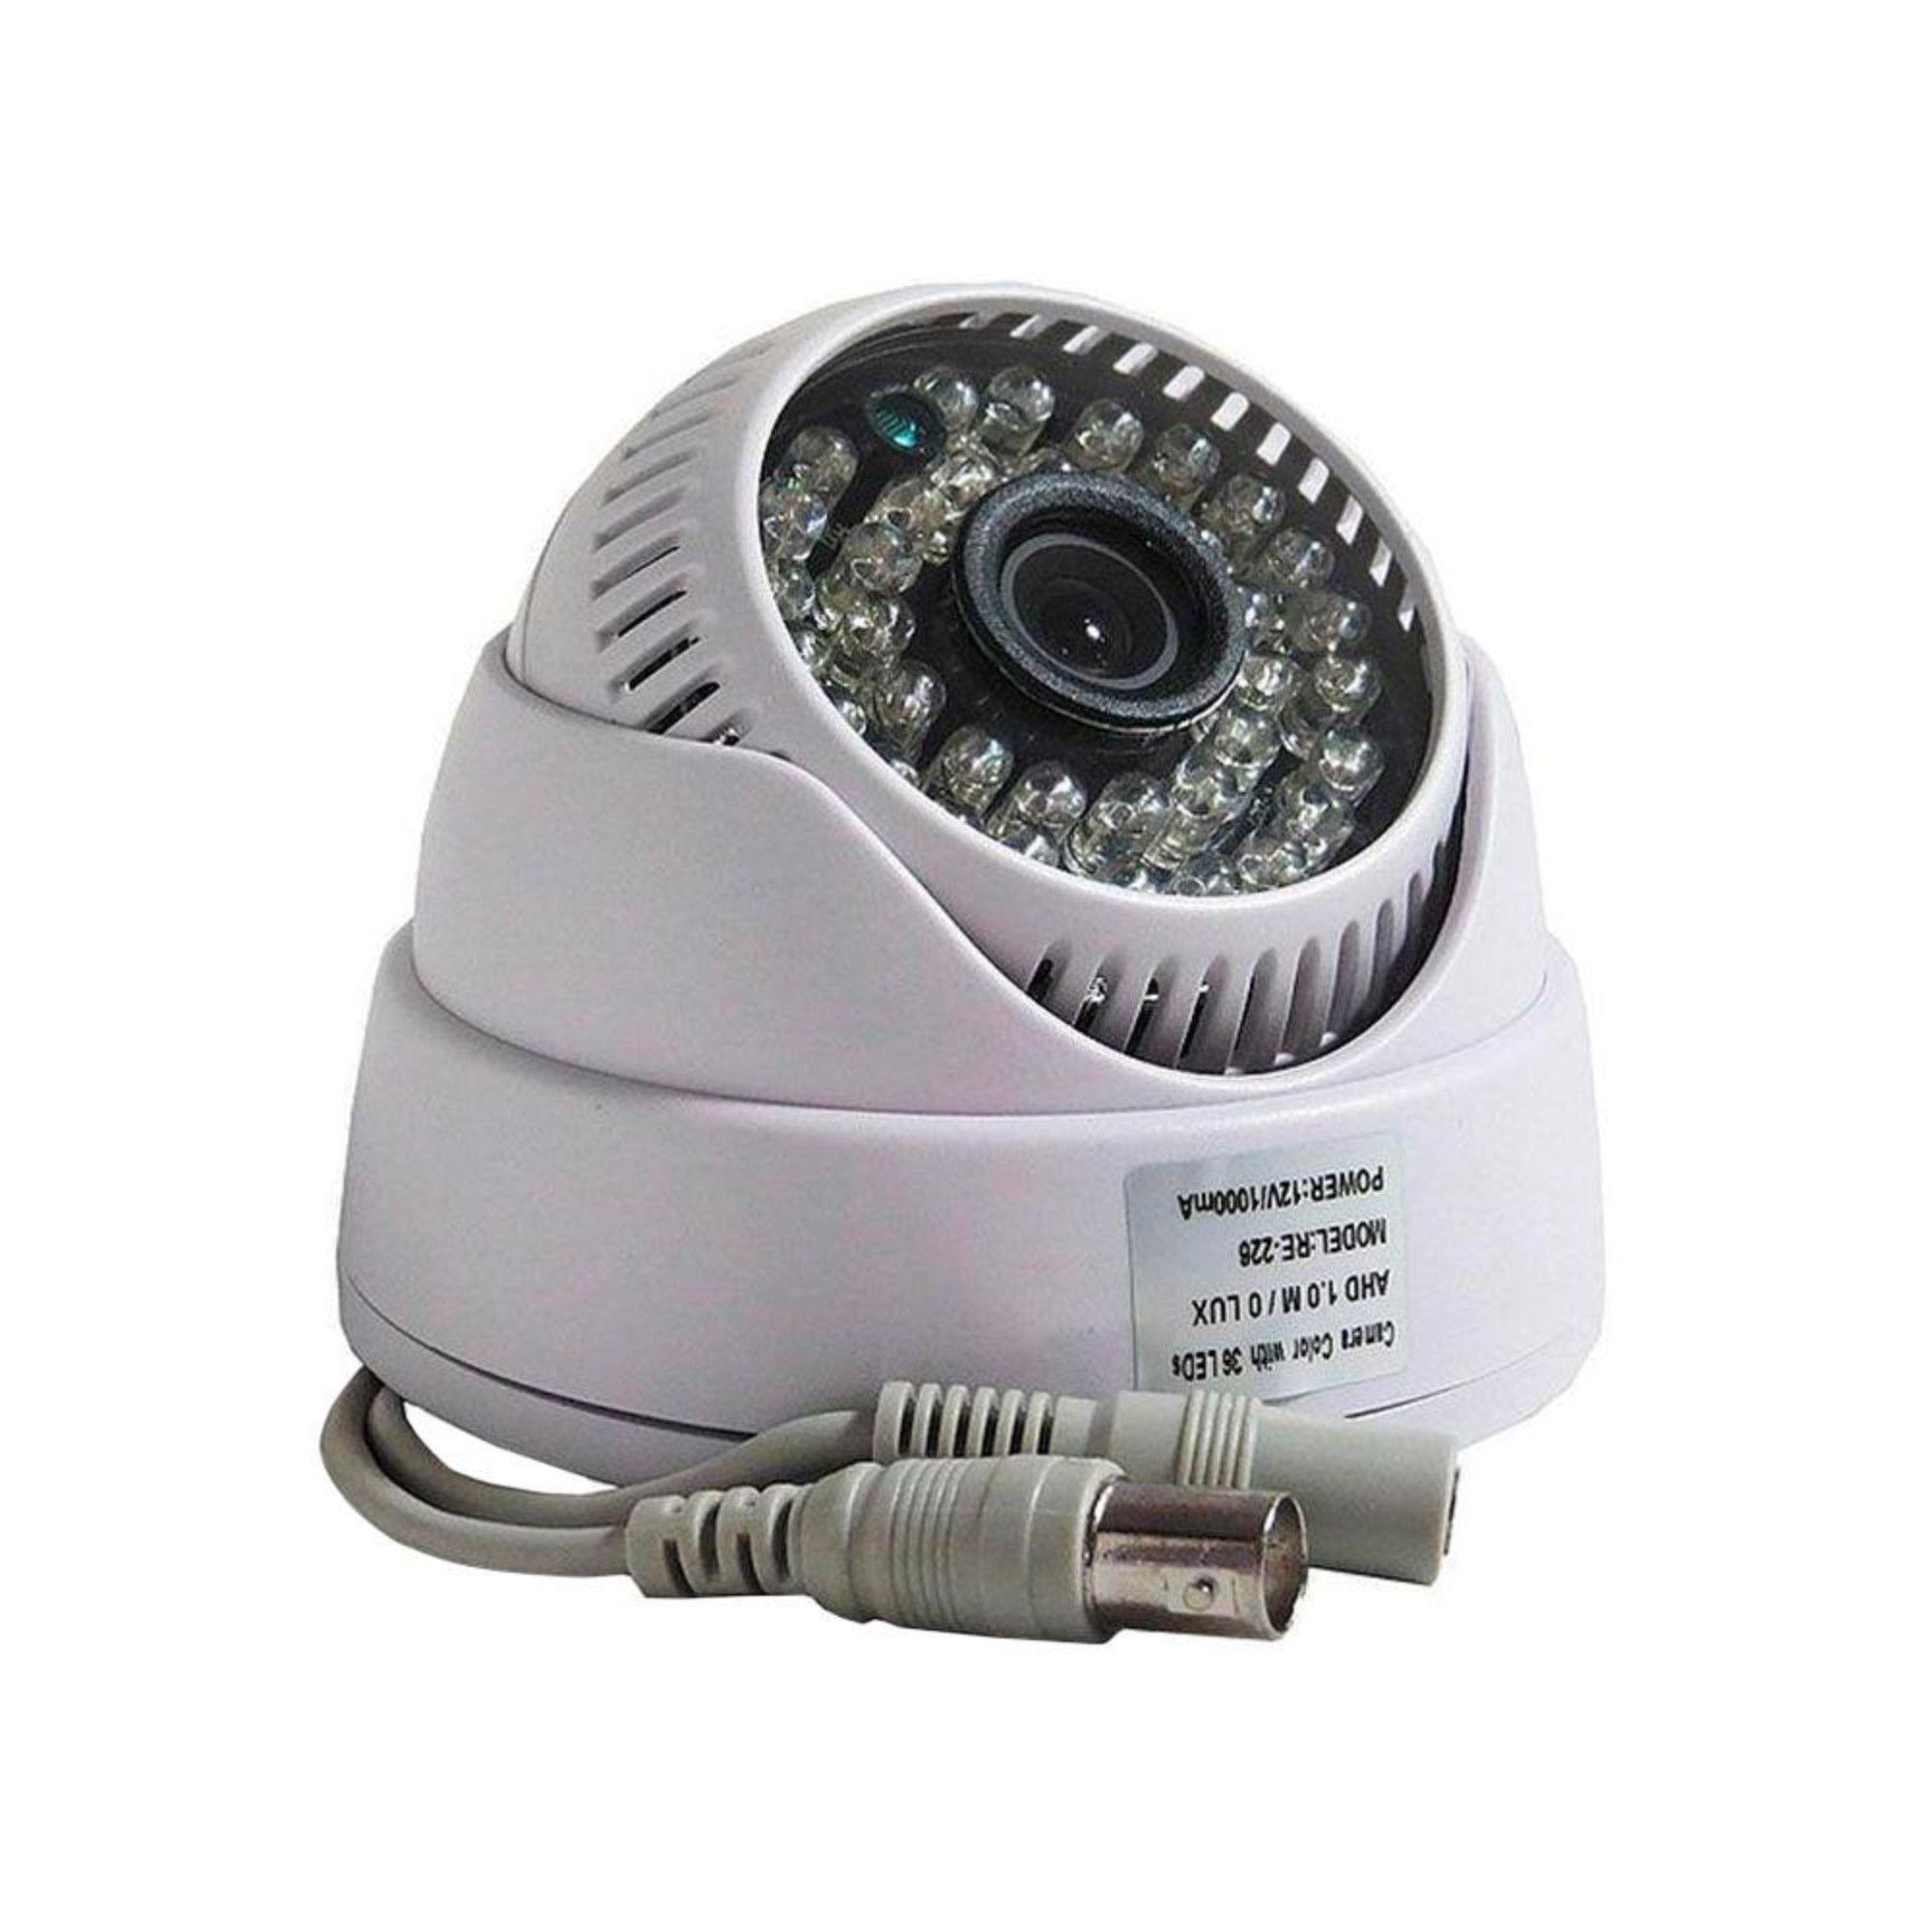 Kit CFTV TWG Completo 2 Câmeras AHD 720p DVR 4 Canais